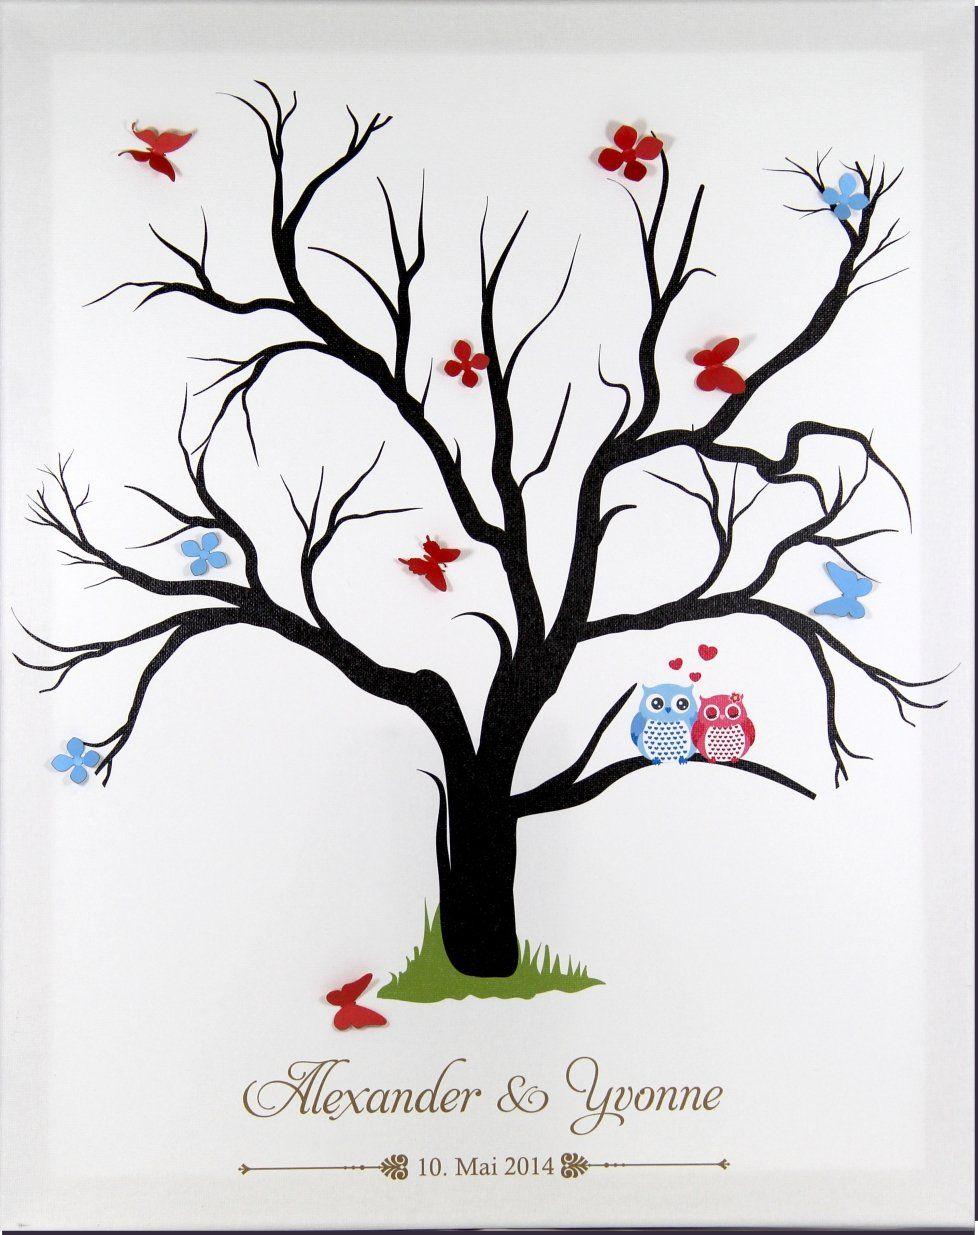 Gewaltig Bild Fingerabdruck Ideen Von Leinwand Fingerabdruckbaum Wedding Tree Hochzeitsgästebuch Als Komplettset